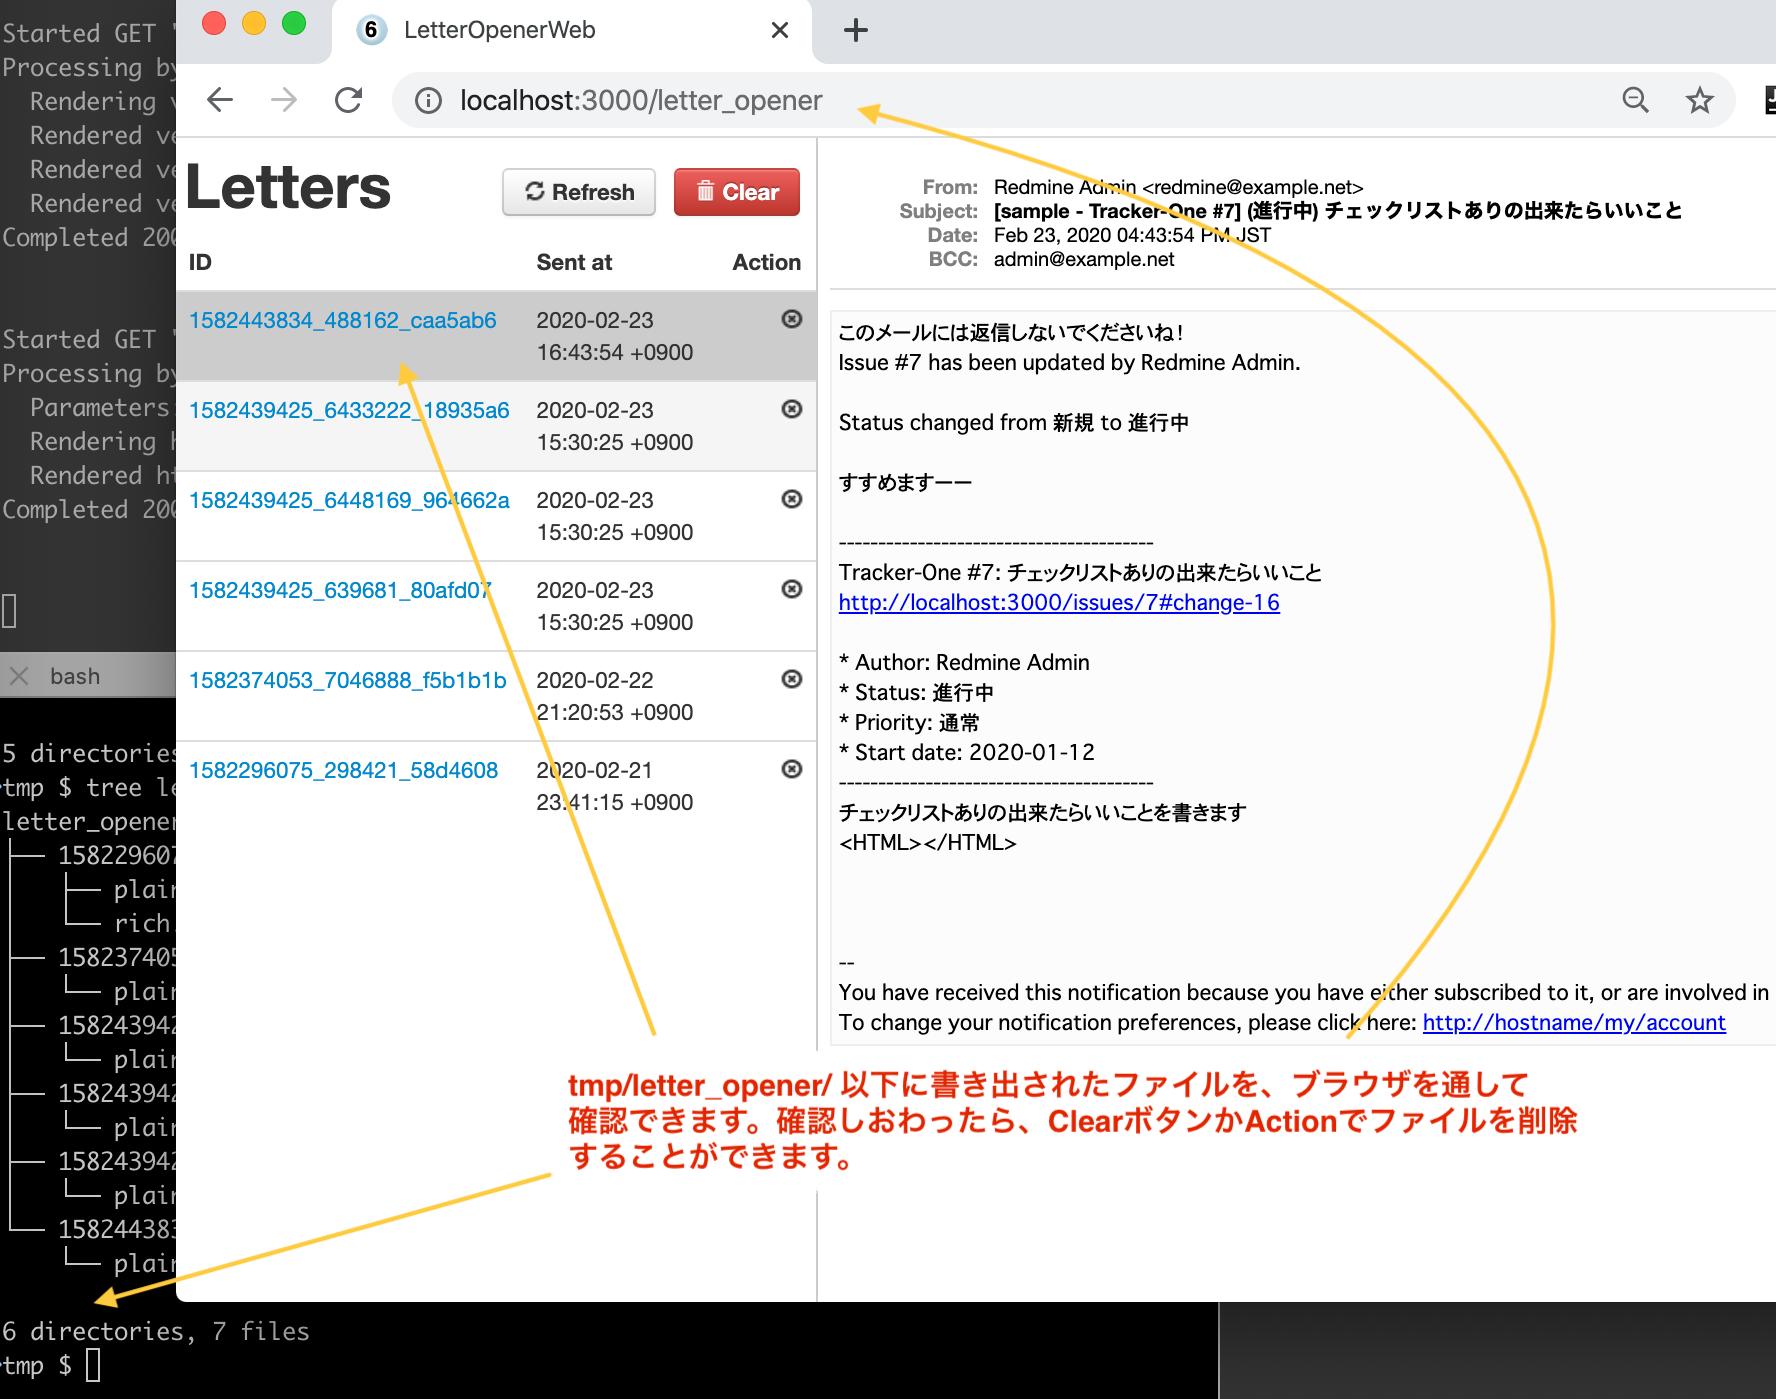 letter_opener_web.png